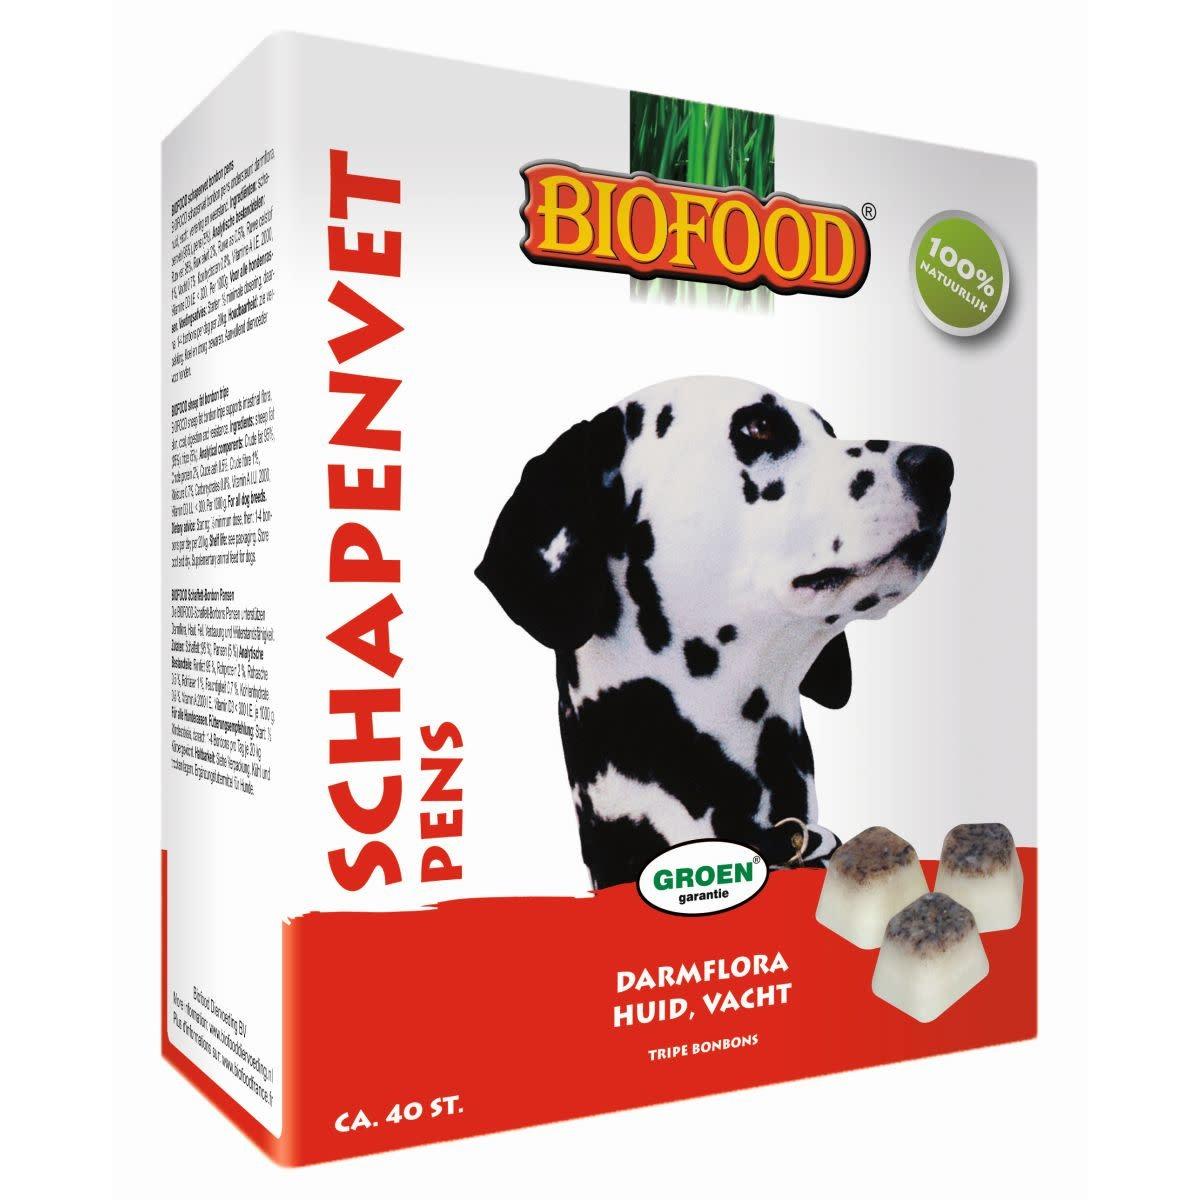 BioFood Biofood Schapenvetbolkjes pens 40 st